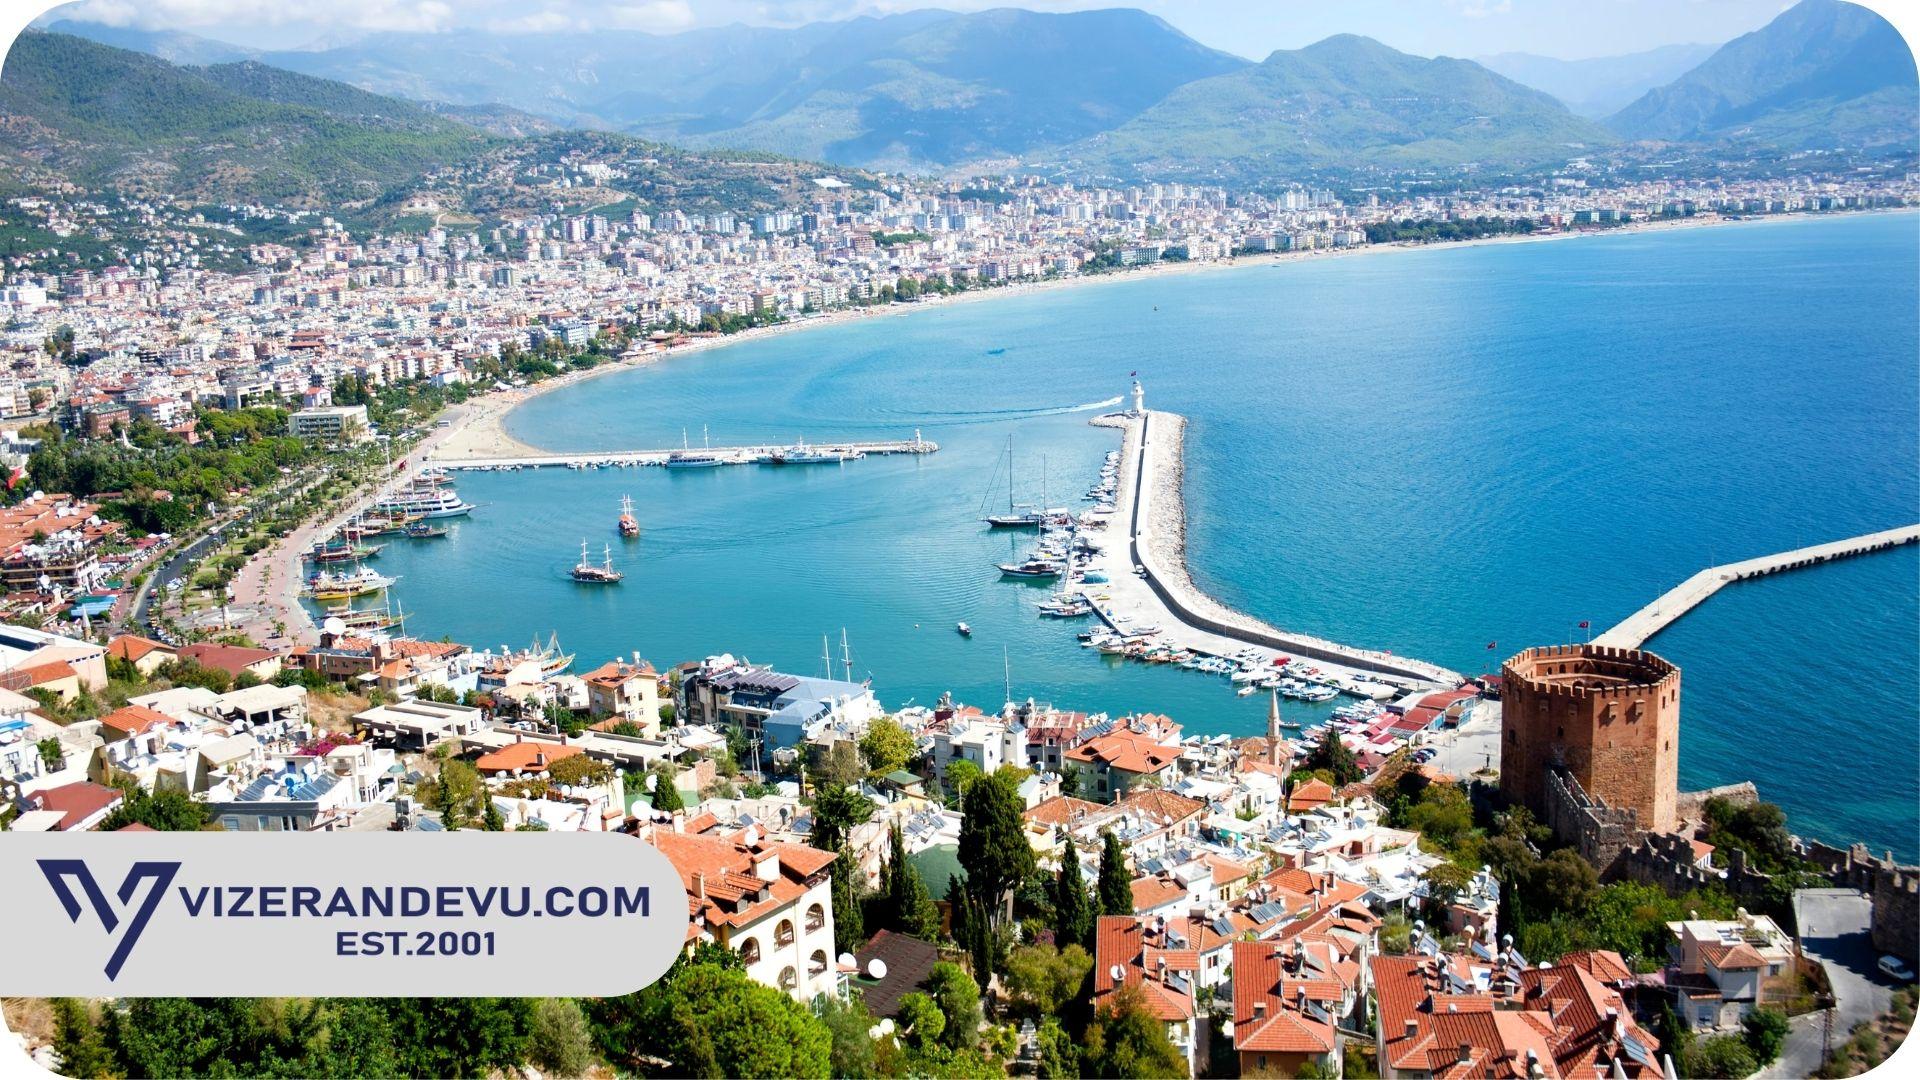 Türkiye Çalışma Vizesi